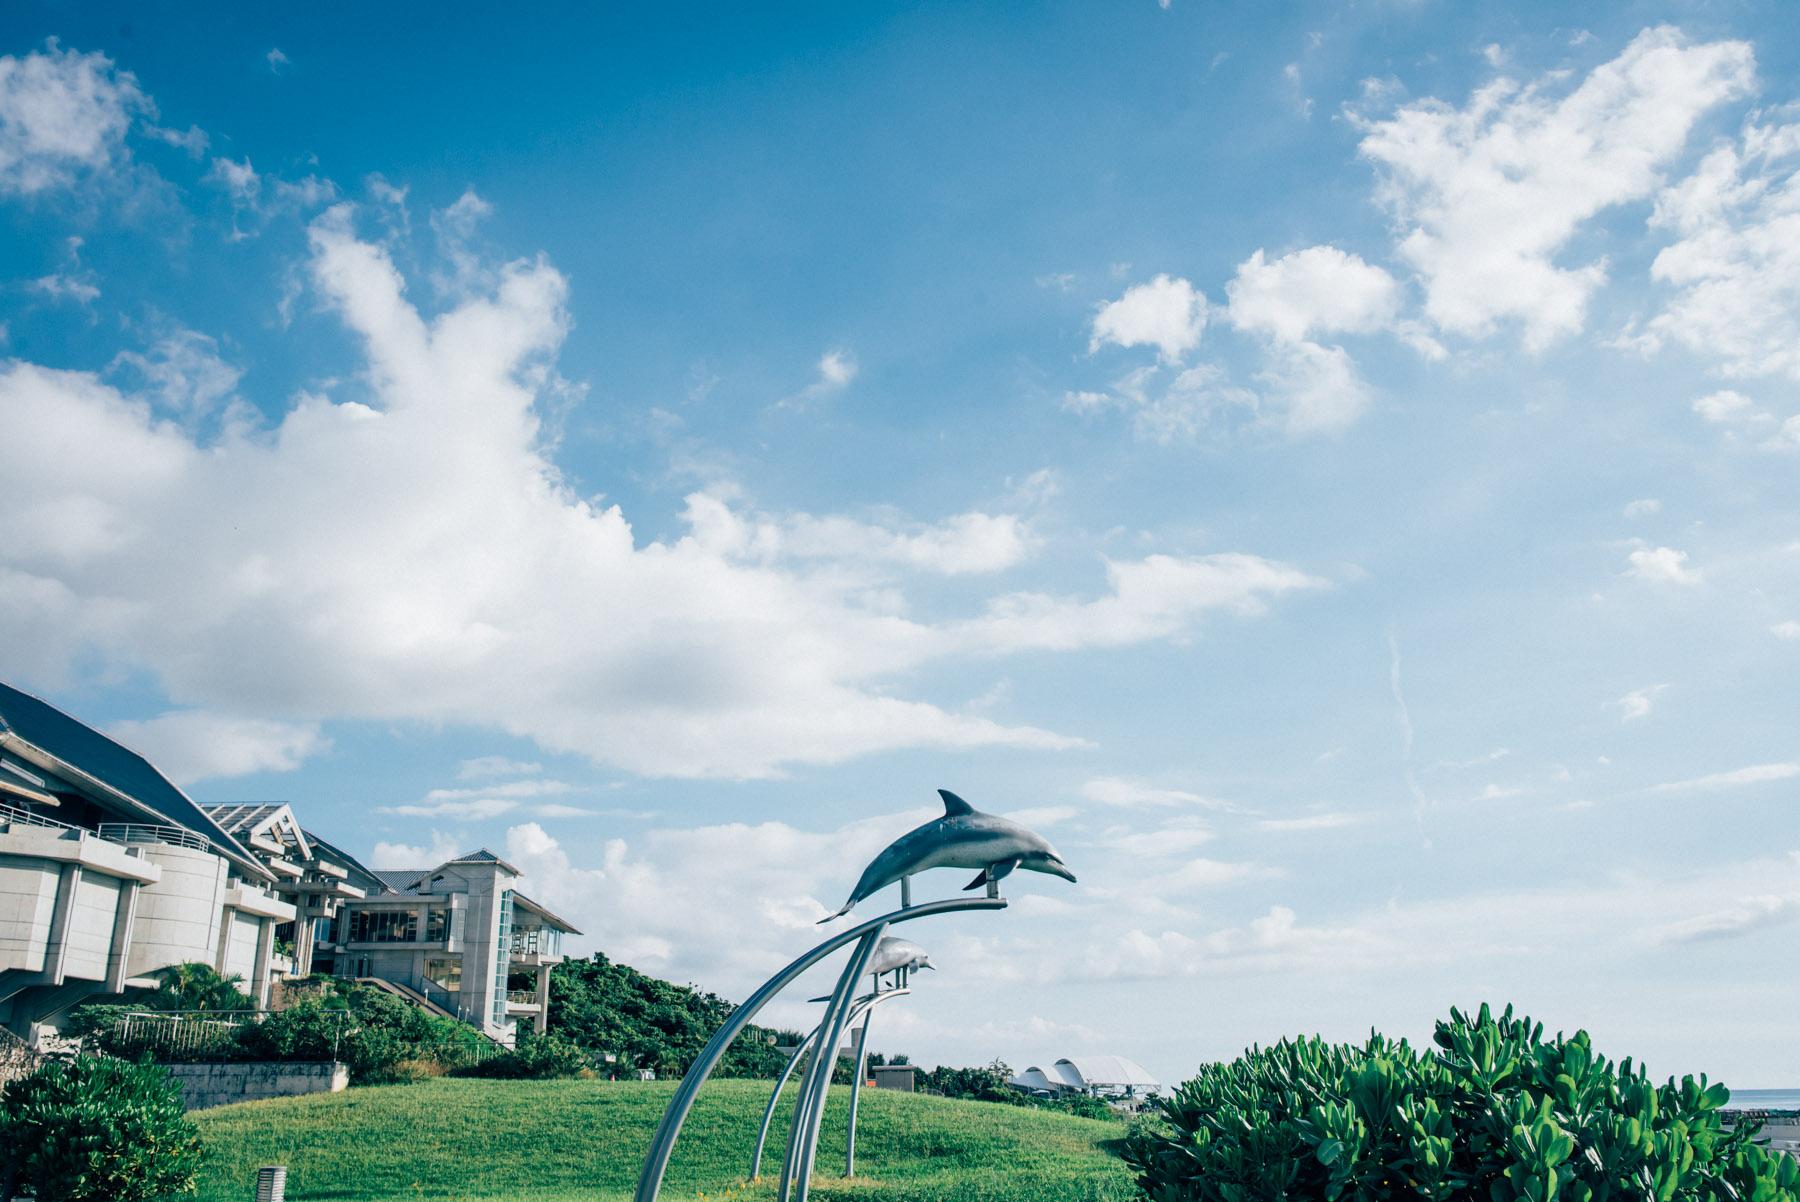 沖縄旅行2日目。水納島のエメラルドグリーンに魅せられ、美ら海のジンベイザメに自分のちっぽけさを見せつけられる。